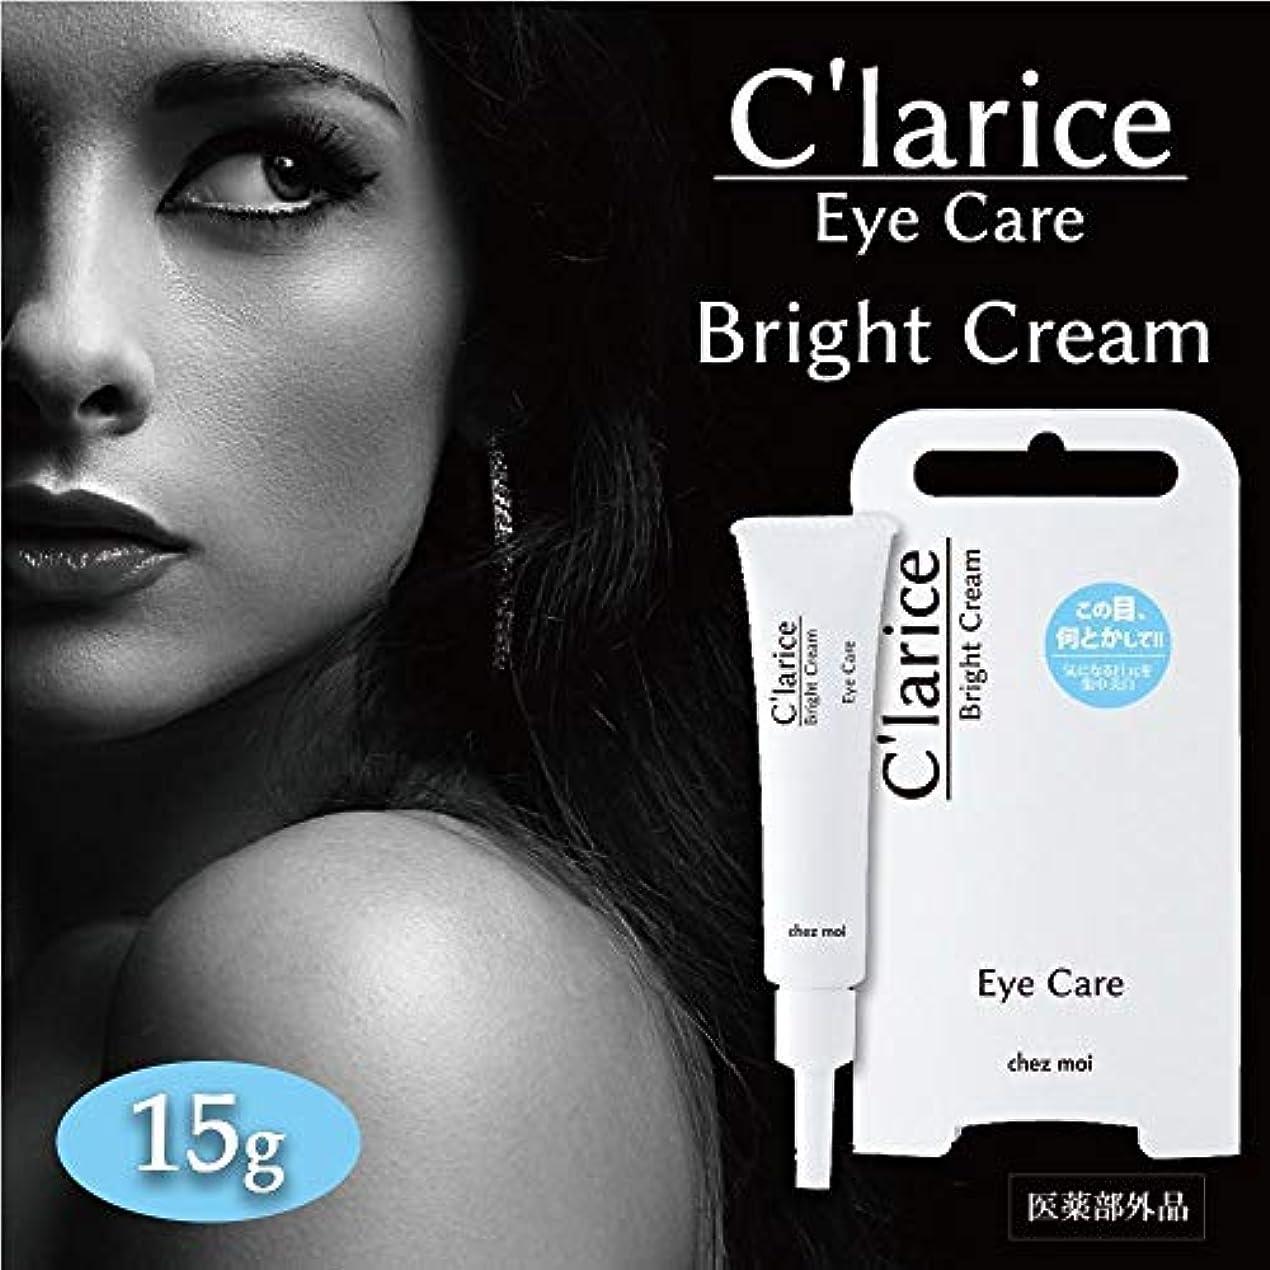 パステル路地オペレーターC'larice(クラリス) Eye Care ‐Bright Cream‐(ブライトクリーム) 医薬部外品 15g